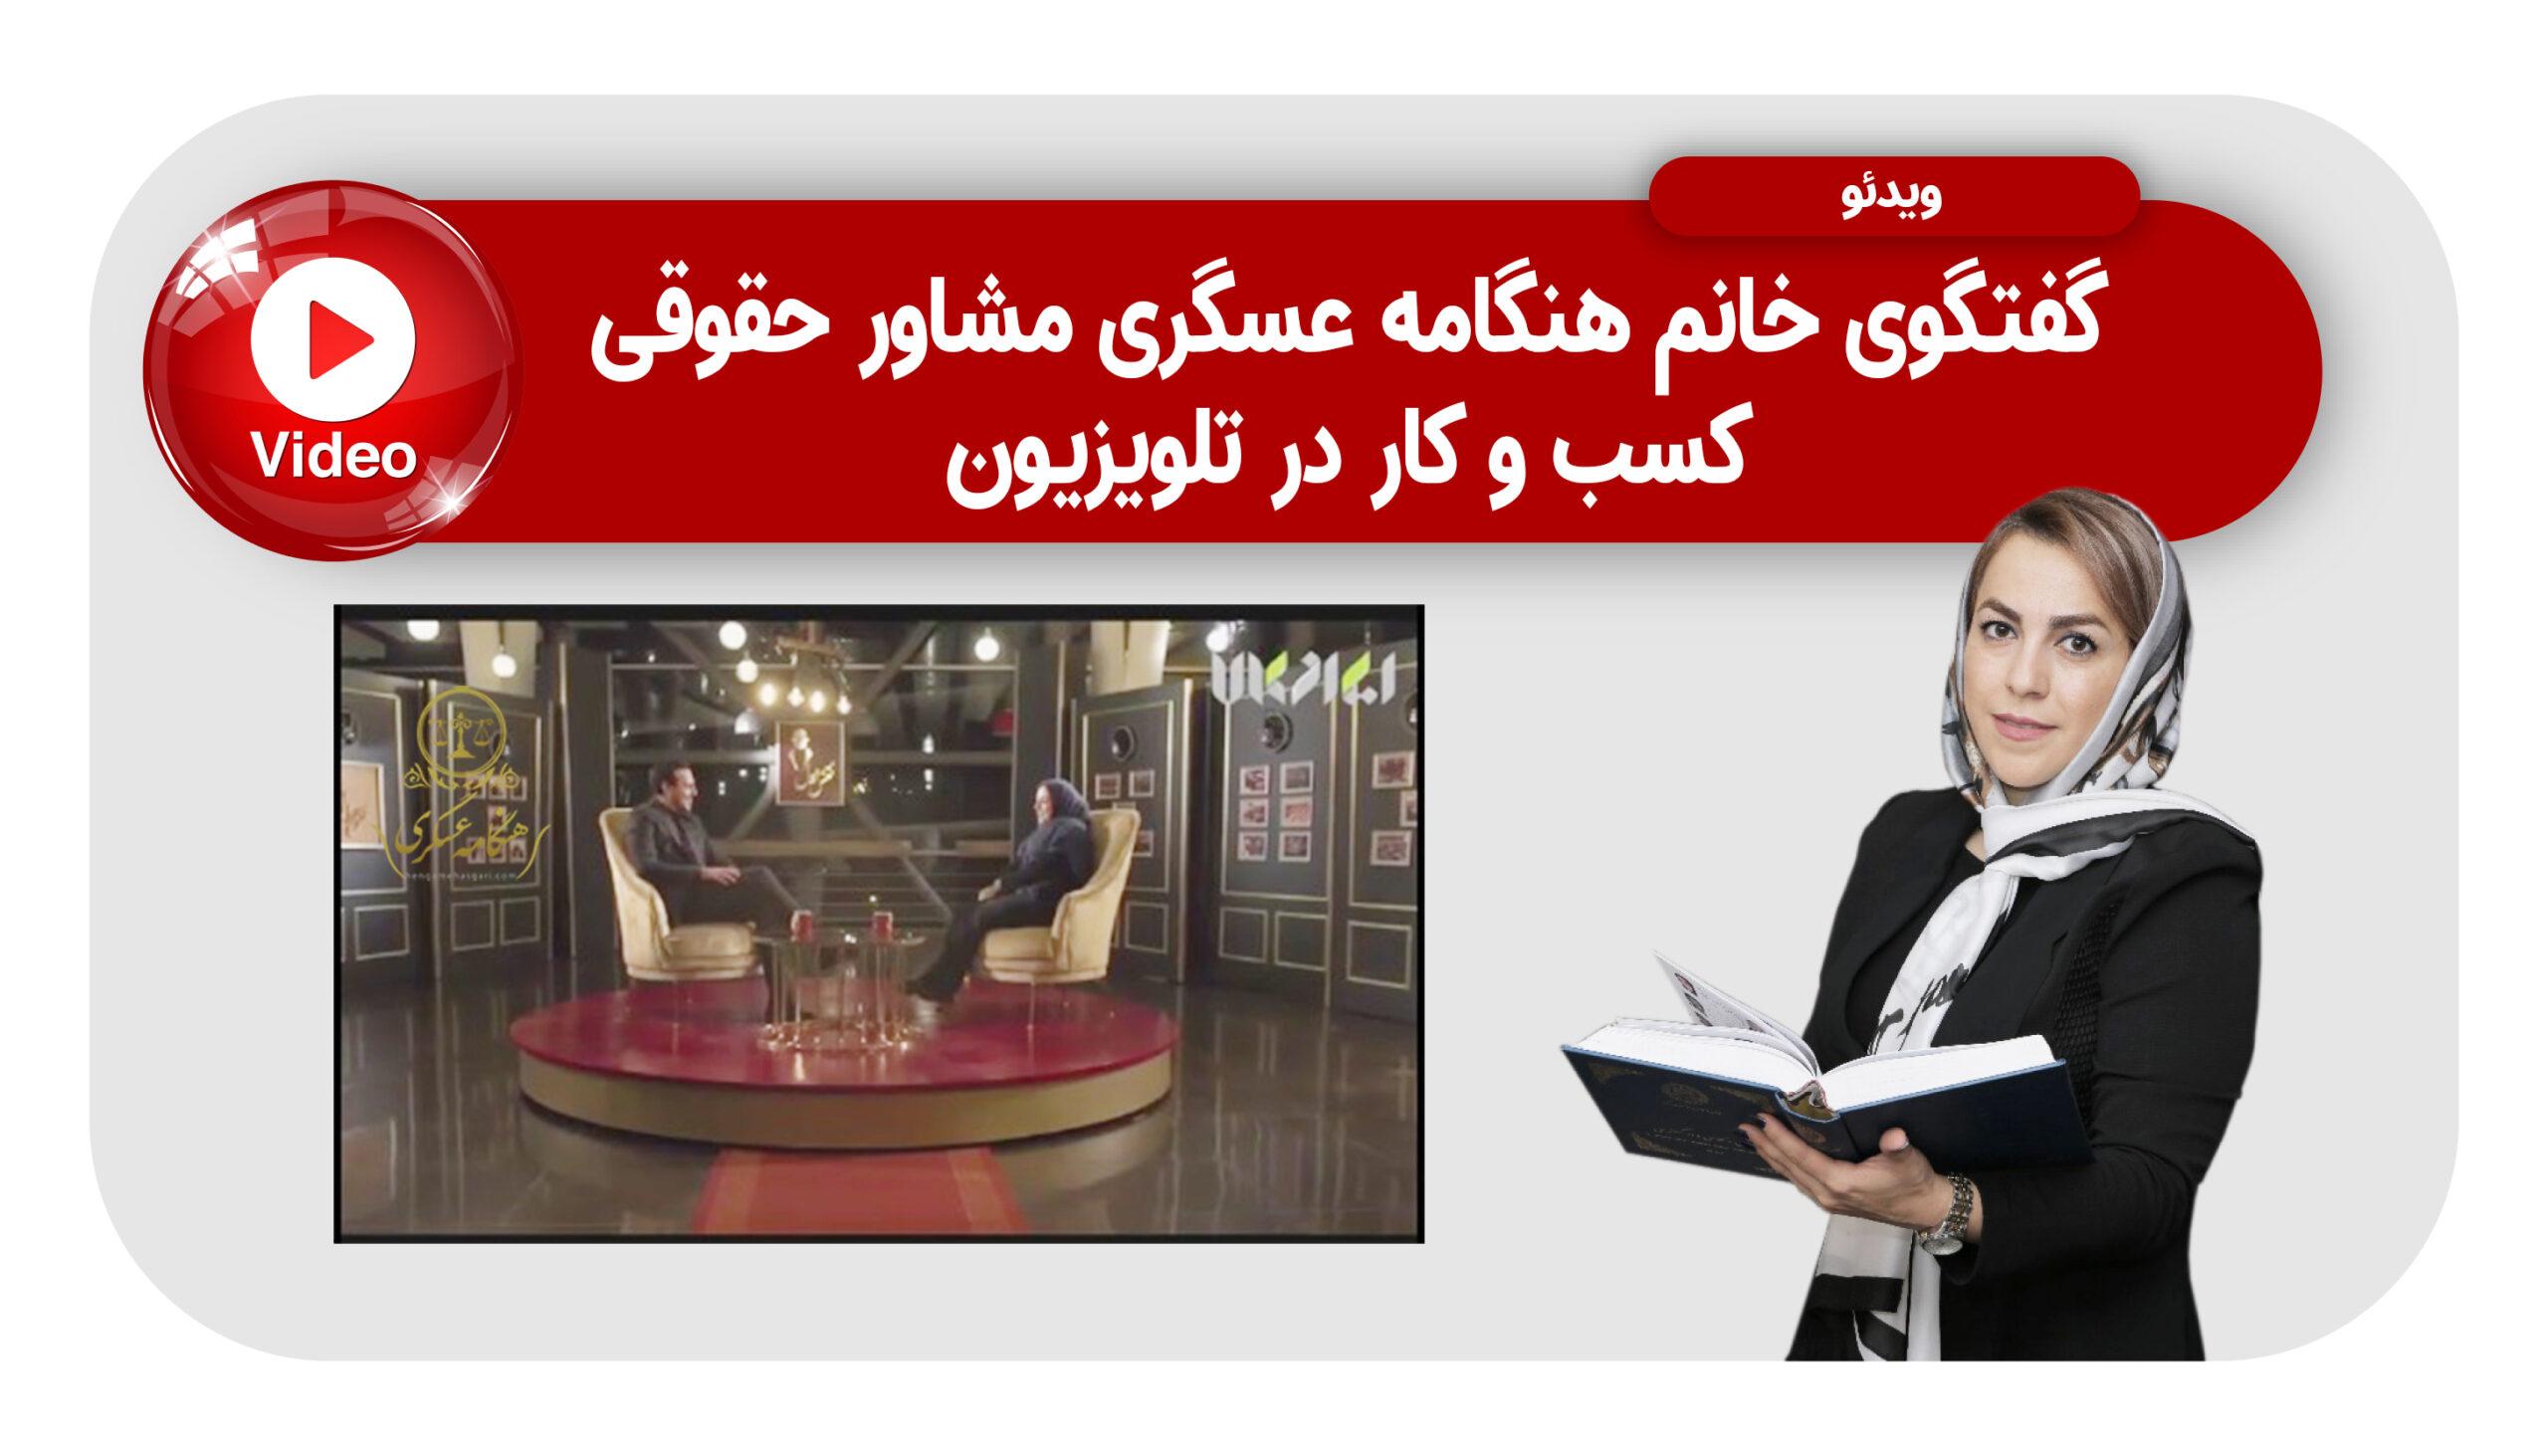 گفتگوی خانم هنگامه عسگری مشاور حقوقی کسب و کار در تلویزیون